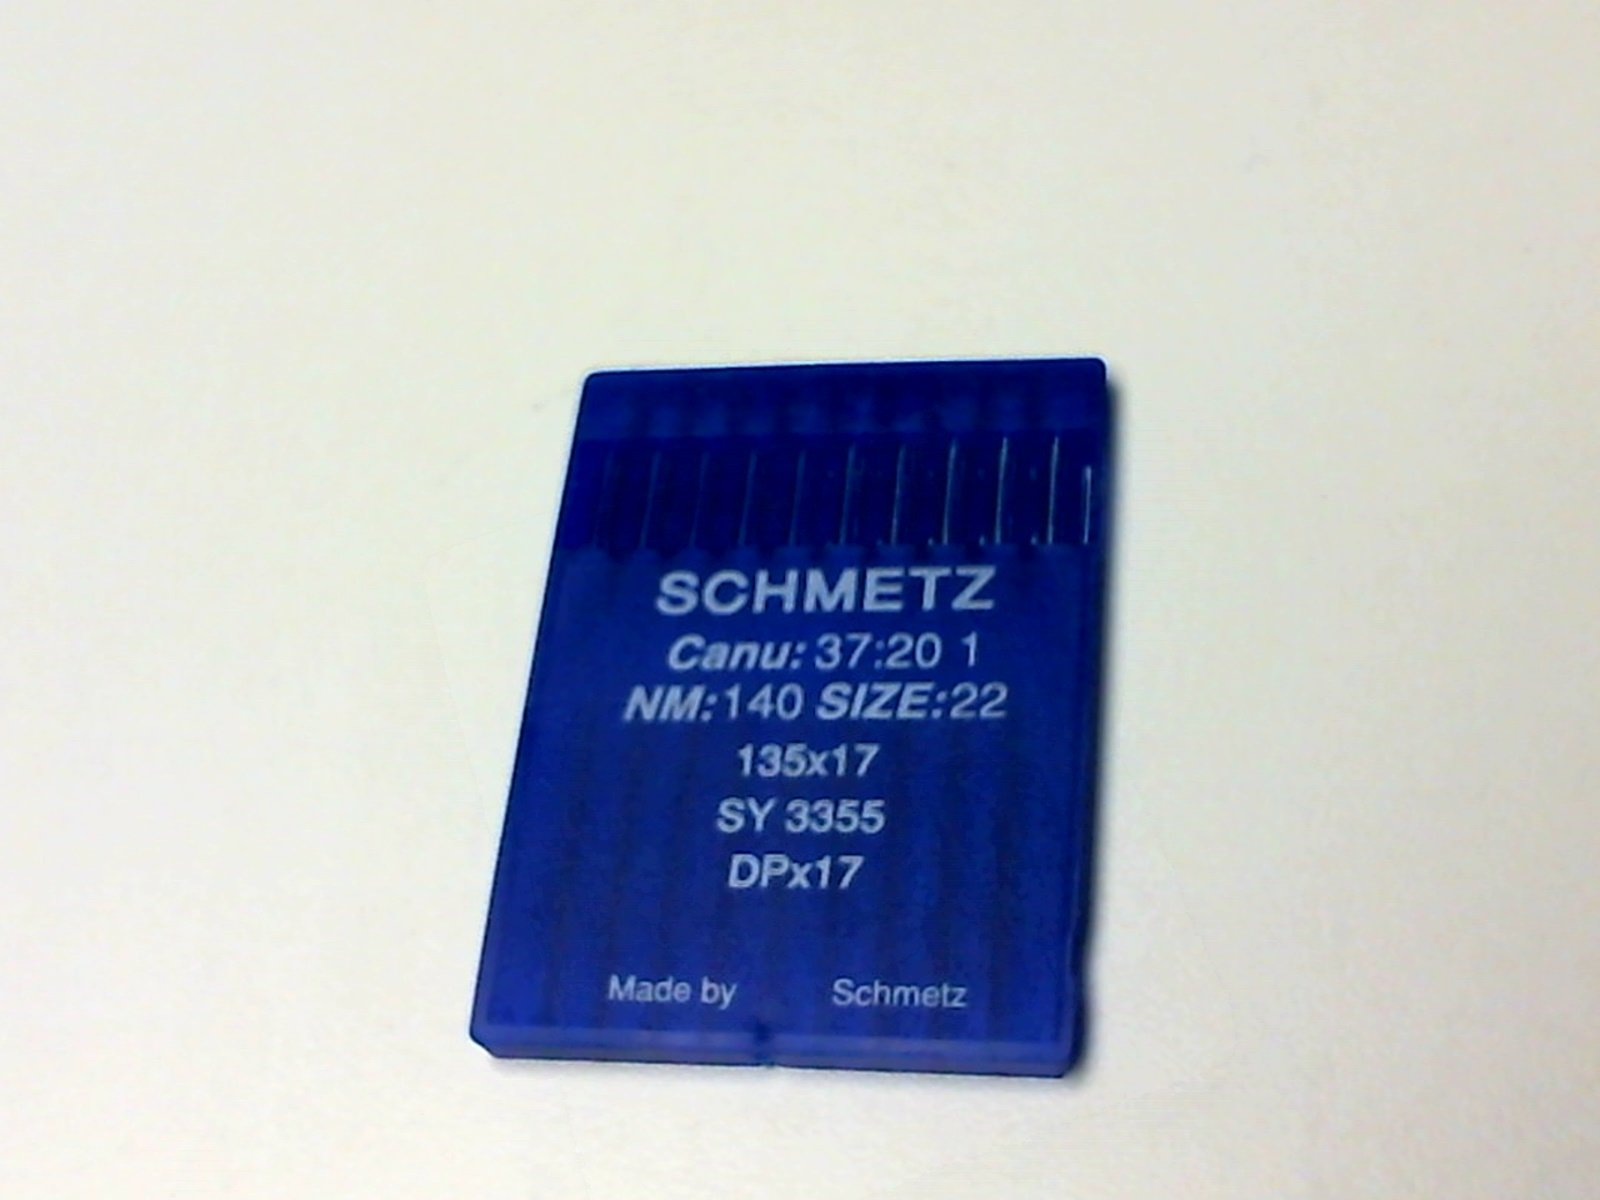 135x17 #140/22 NEEDLES SCHMETZ